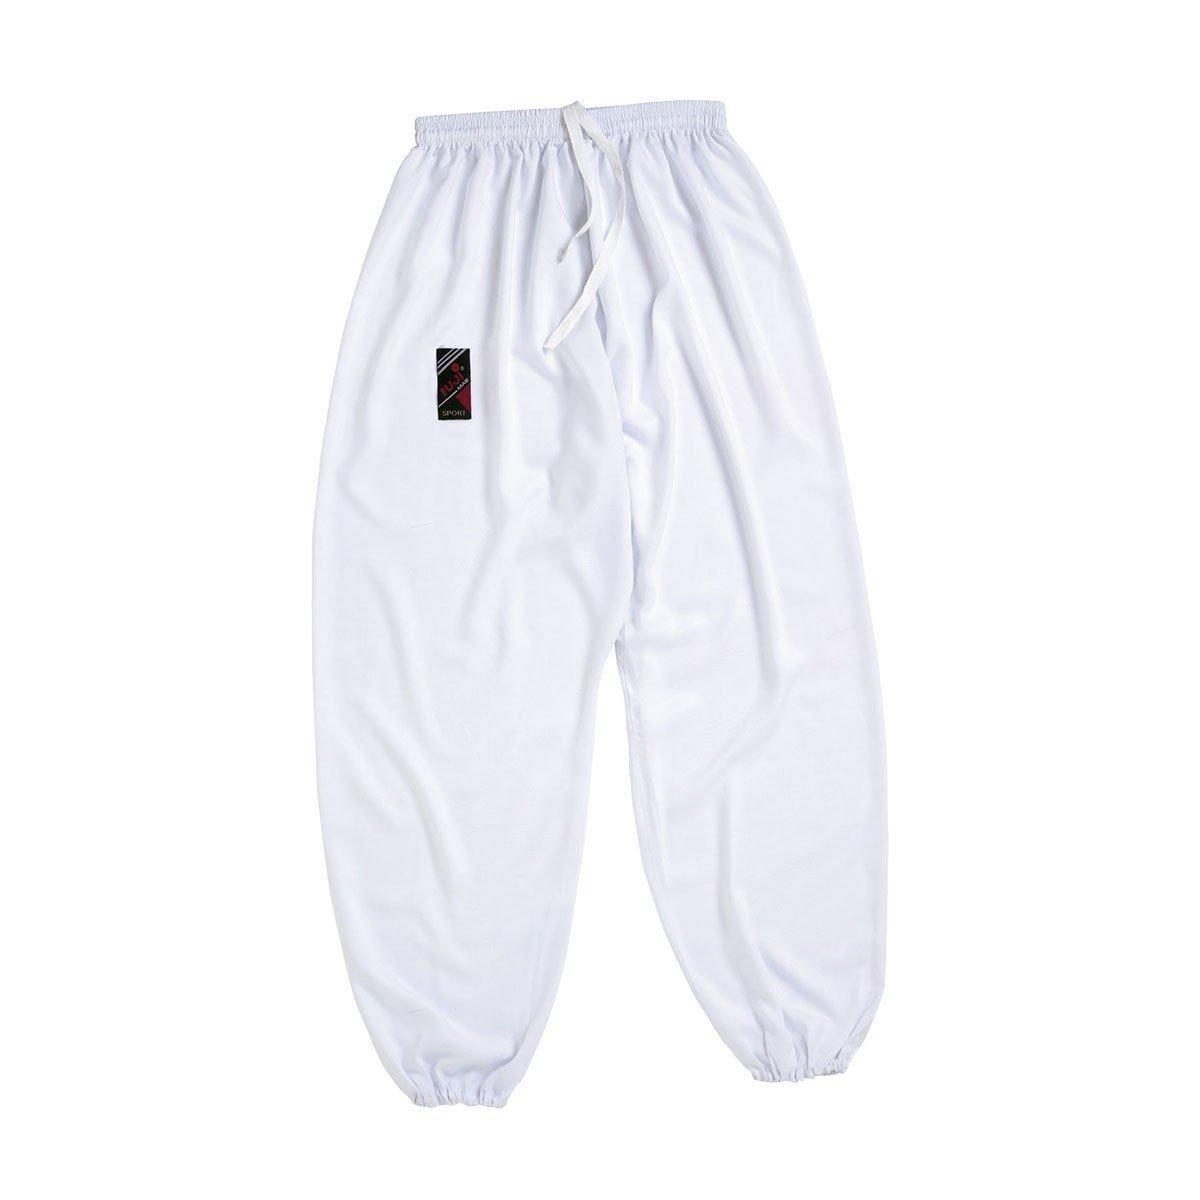 Pantalón Tai Chi blanco